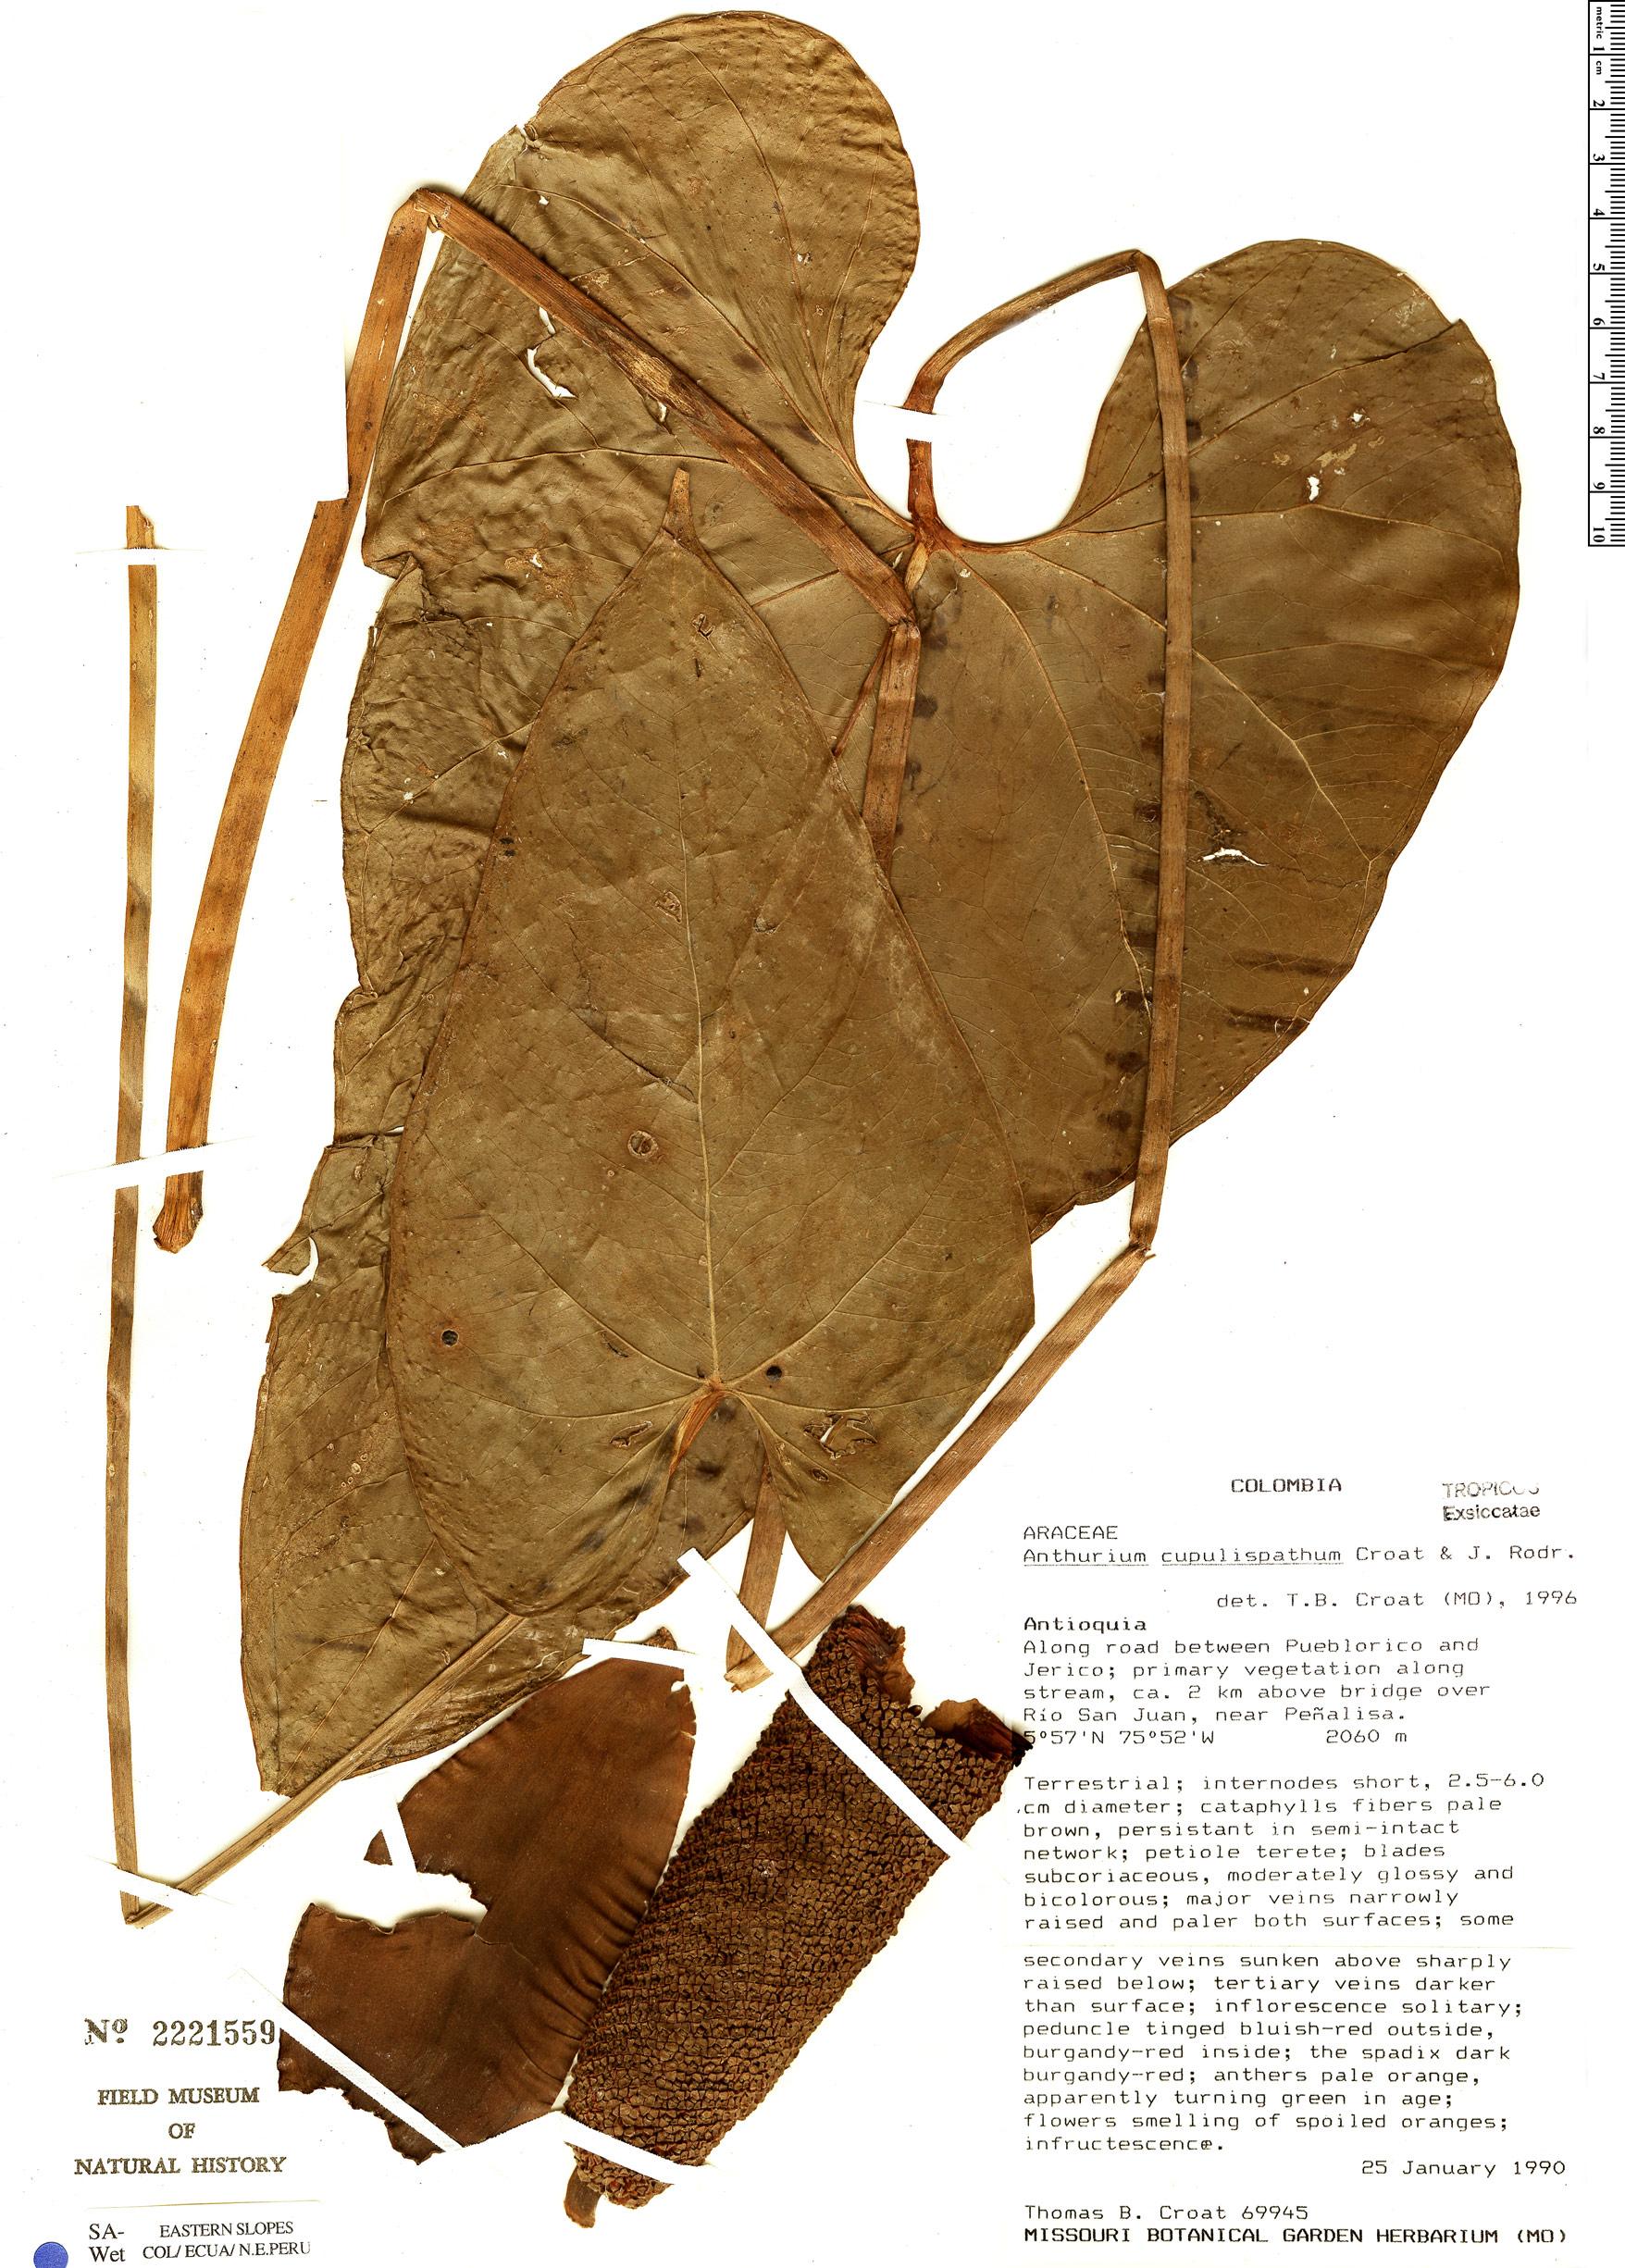 Specimen: Anthurium cupulispathum